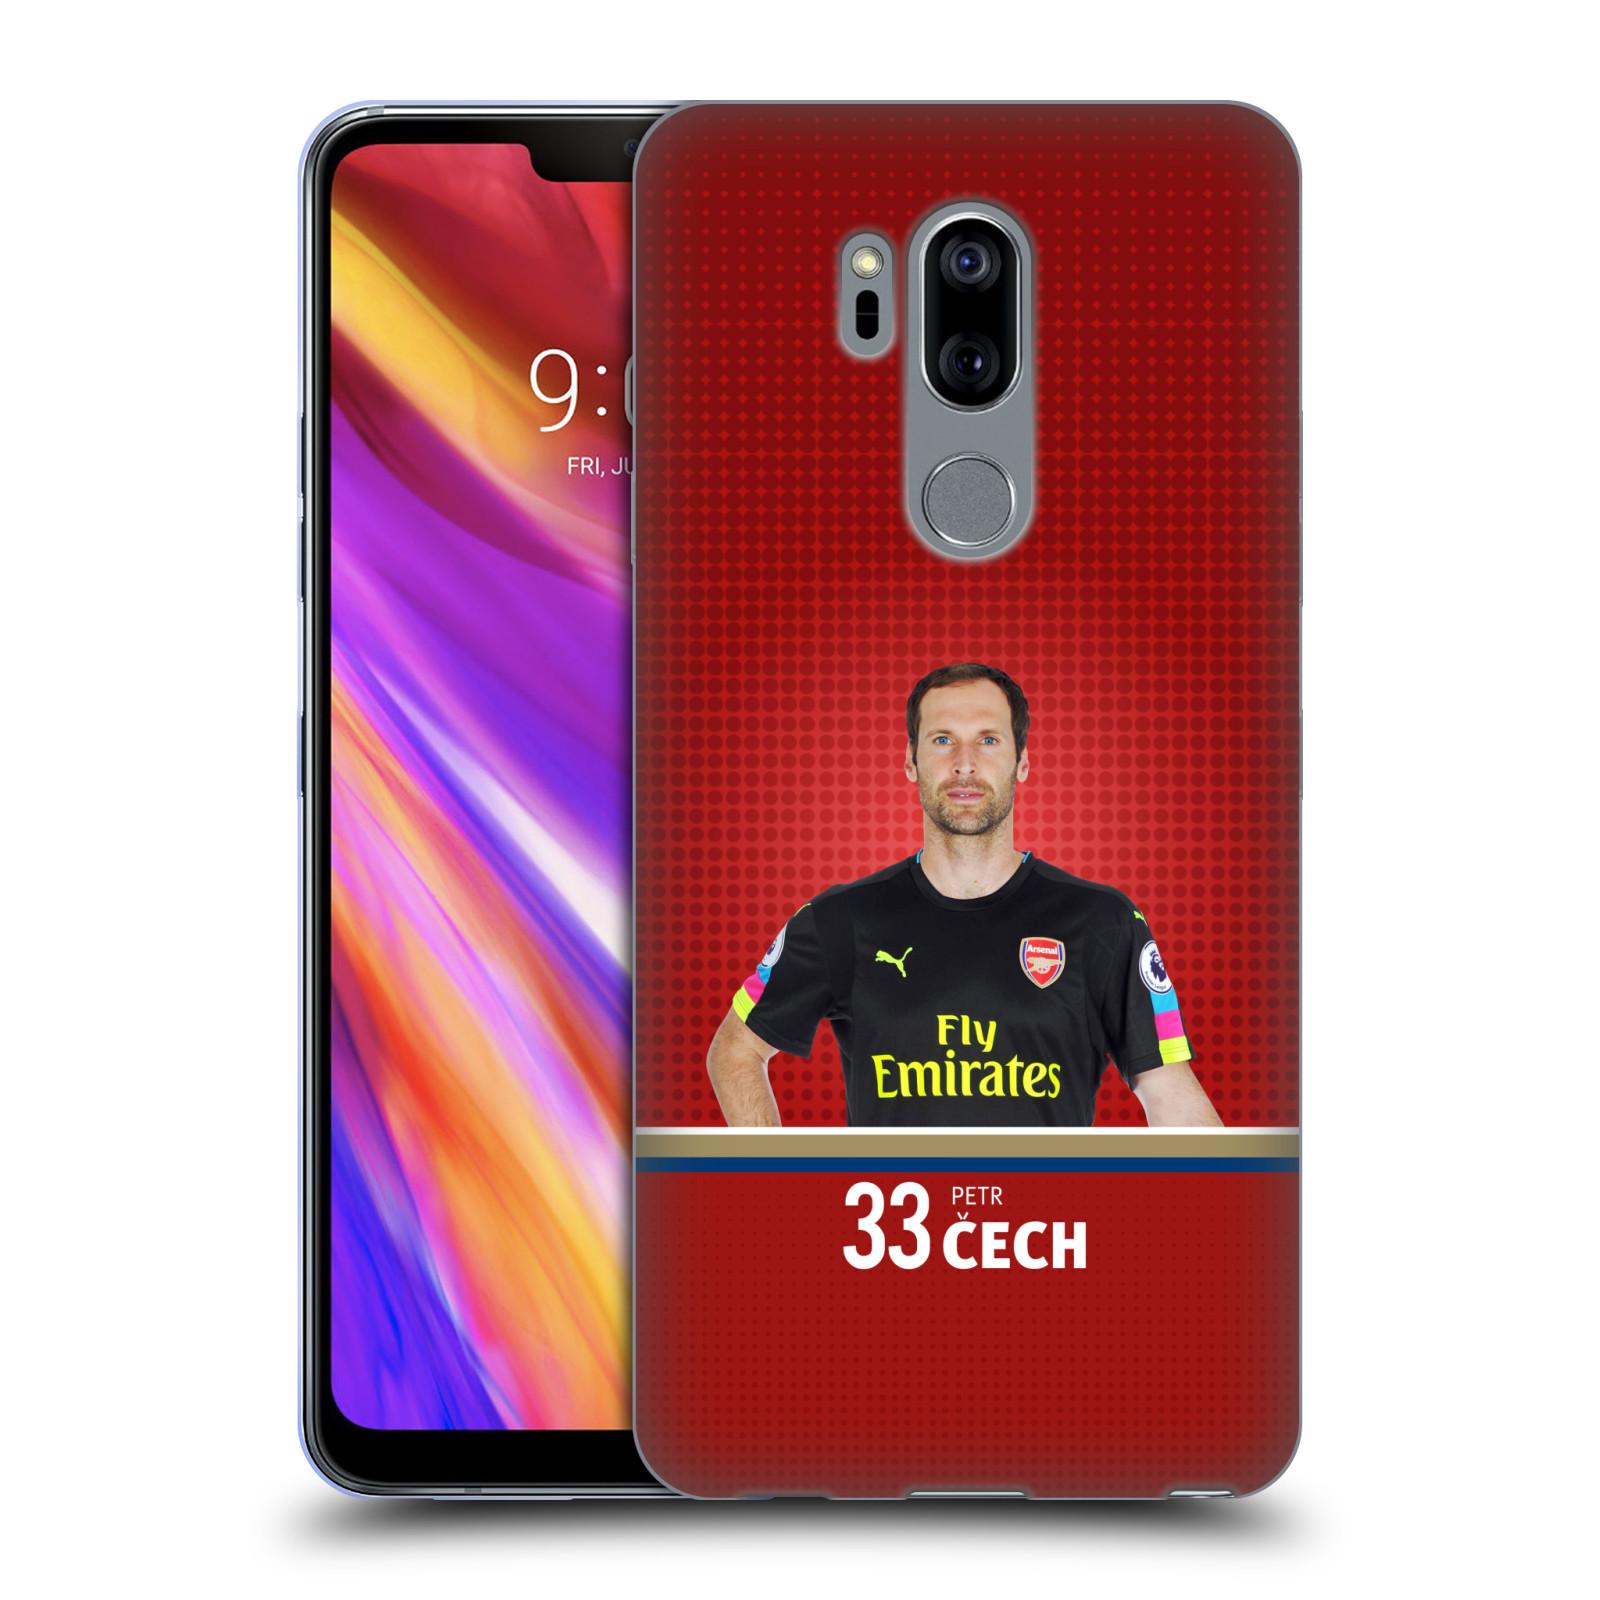 Silikonové pouzdro na mobil LG G7 ThinQ - Head Case - Arsenal FC - Petr Čech